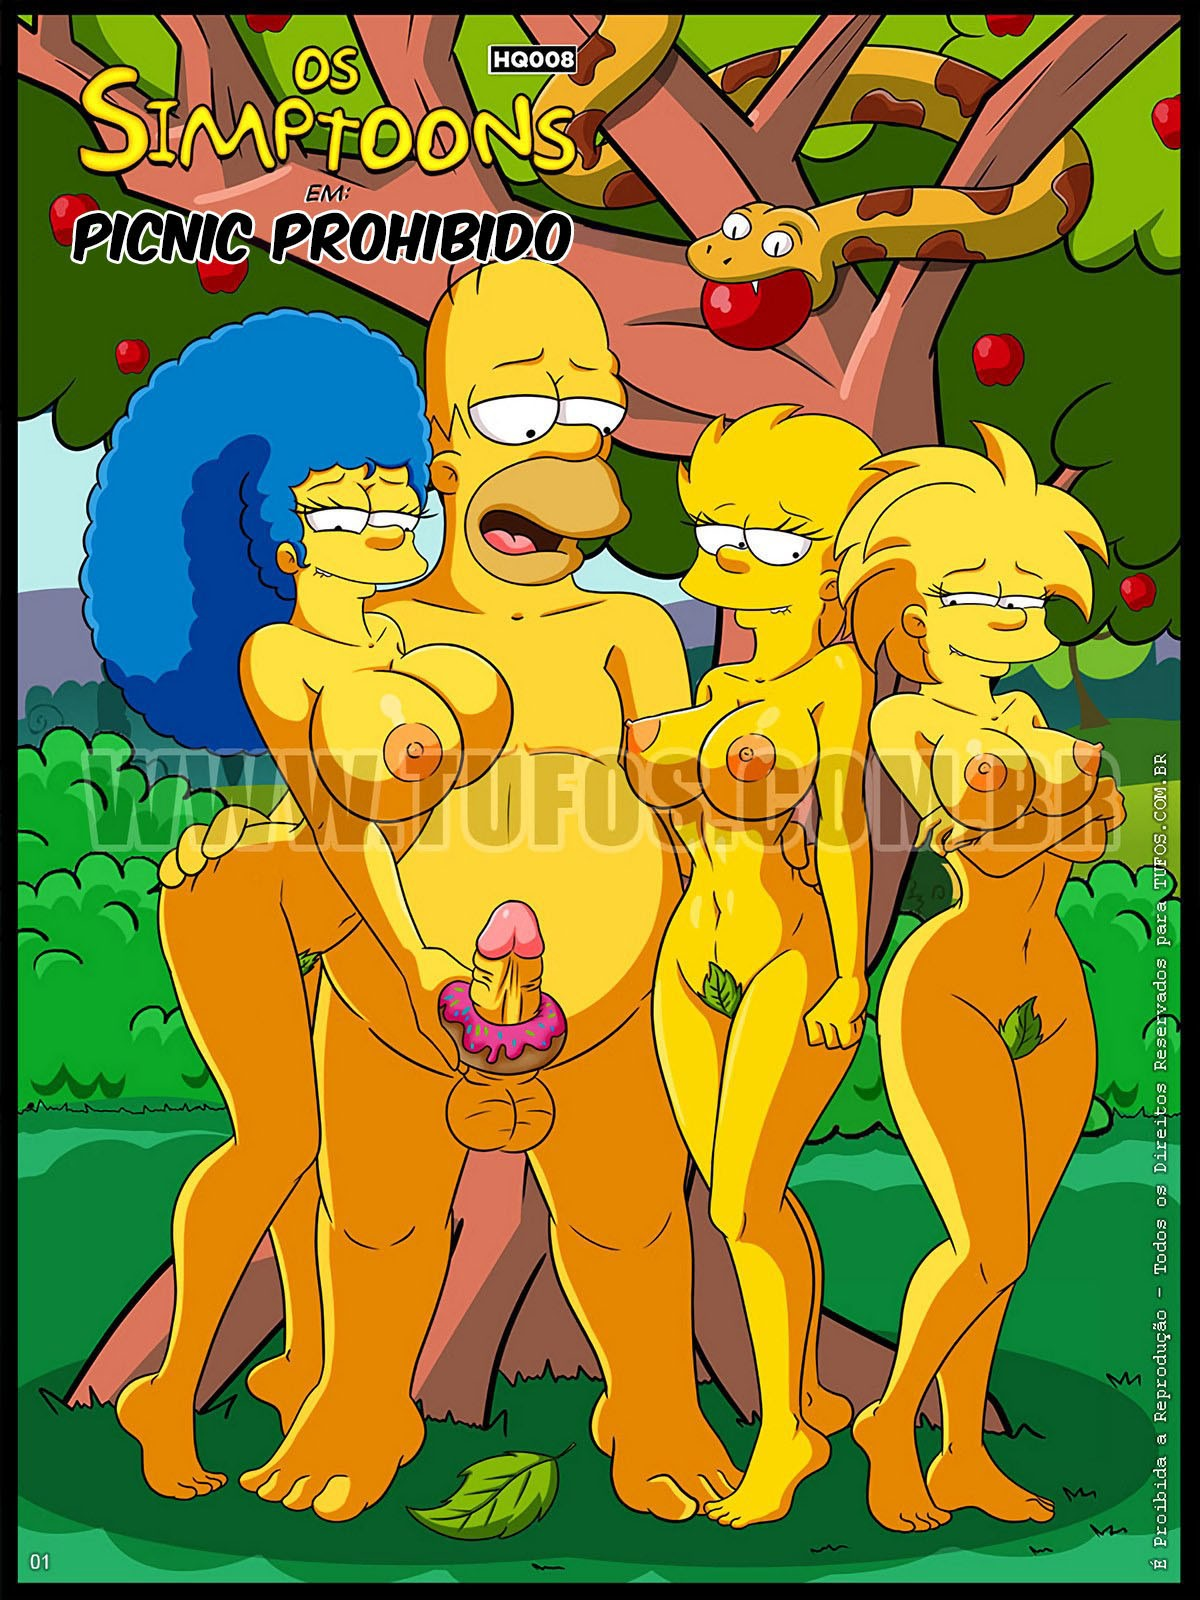 porno los simpsons xxx comic en español